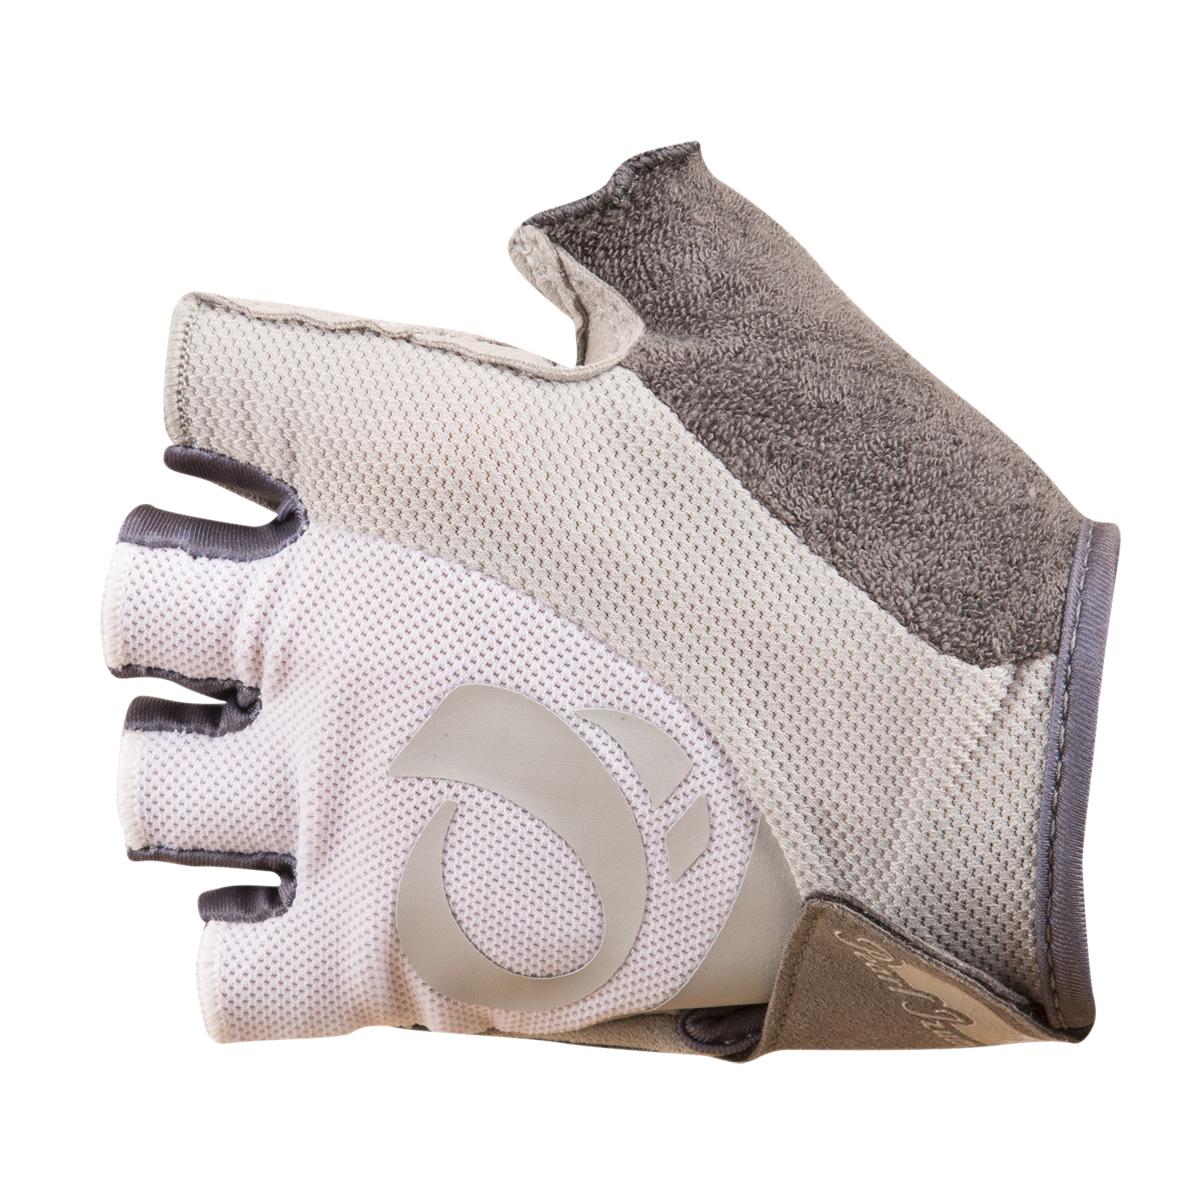 PEARL iZUMi W SELECT rukavice, bílá/bílá, L